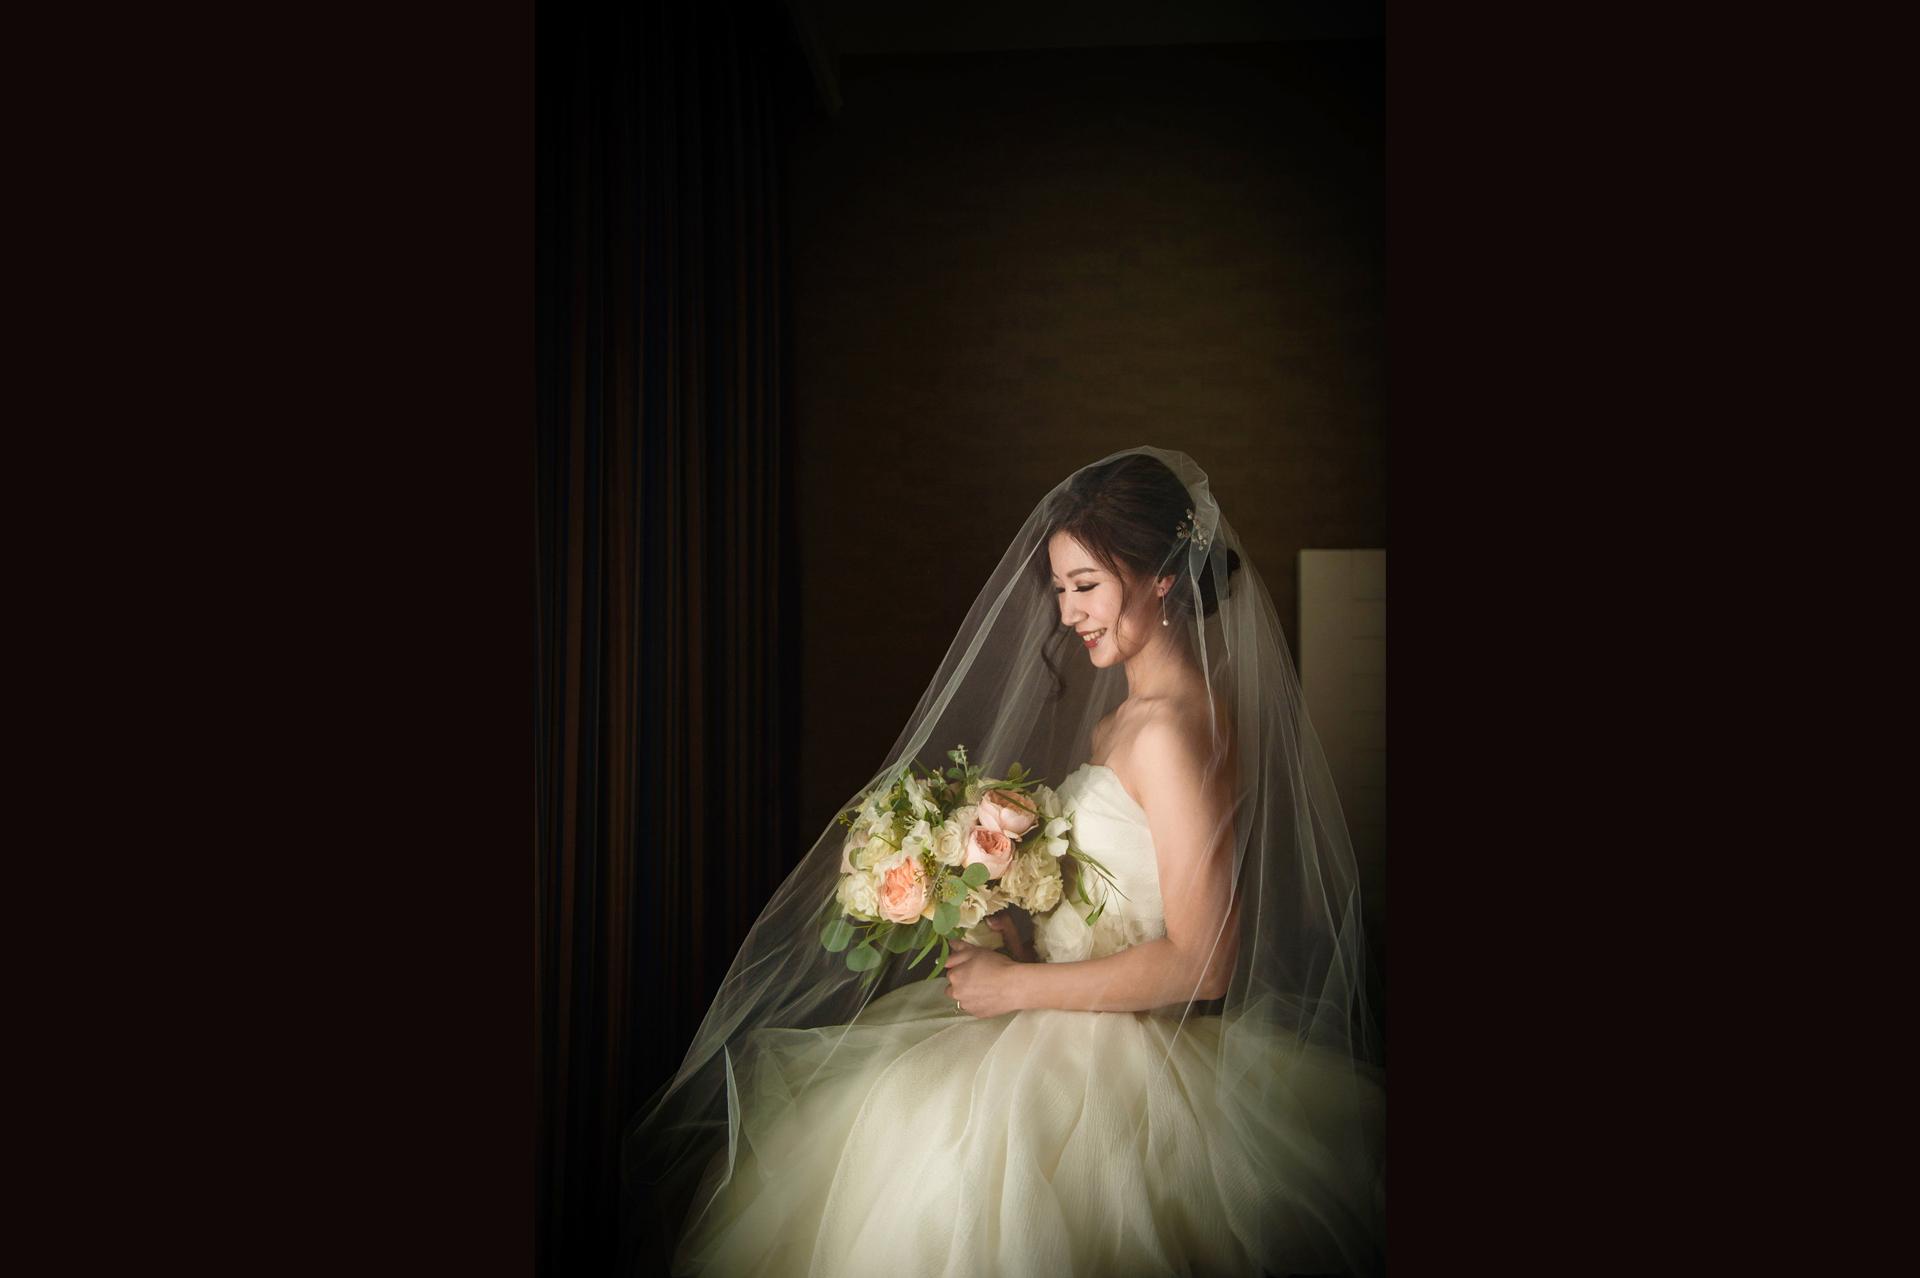 美国洛杉矶婚礼跟拍, 新娘wayfarers chapel 玻璃教堂getting ready